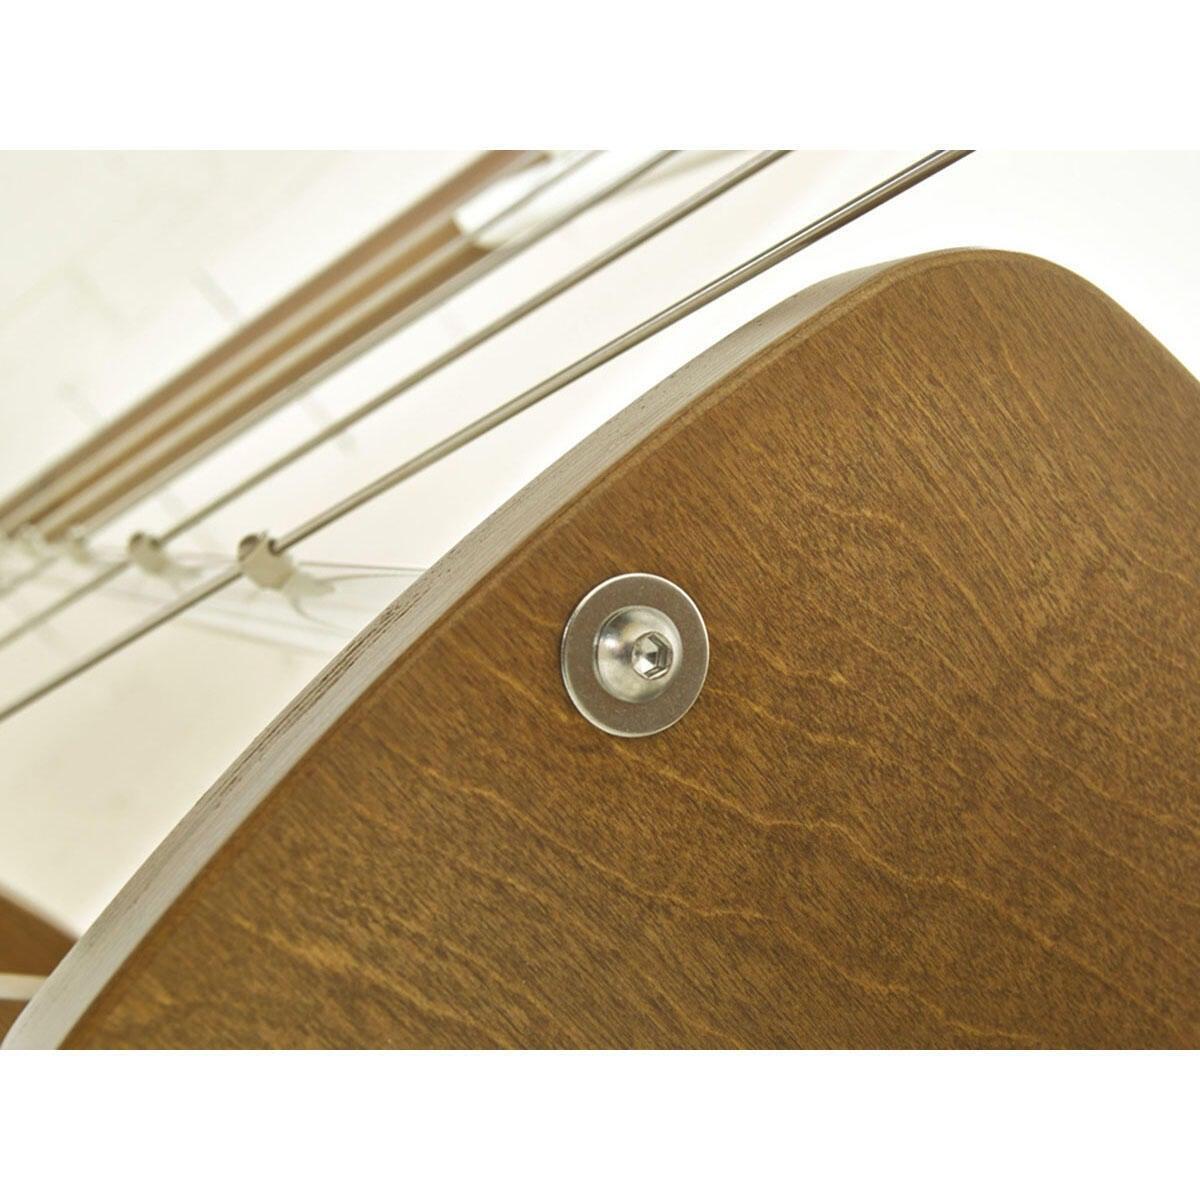 Scala salvaspazio dritto Zen FONTANOT L 59 cm, gradino betulla, struttura bianco - 5